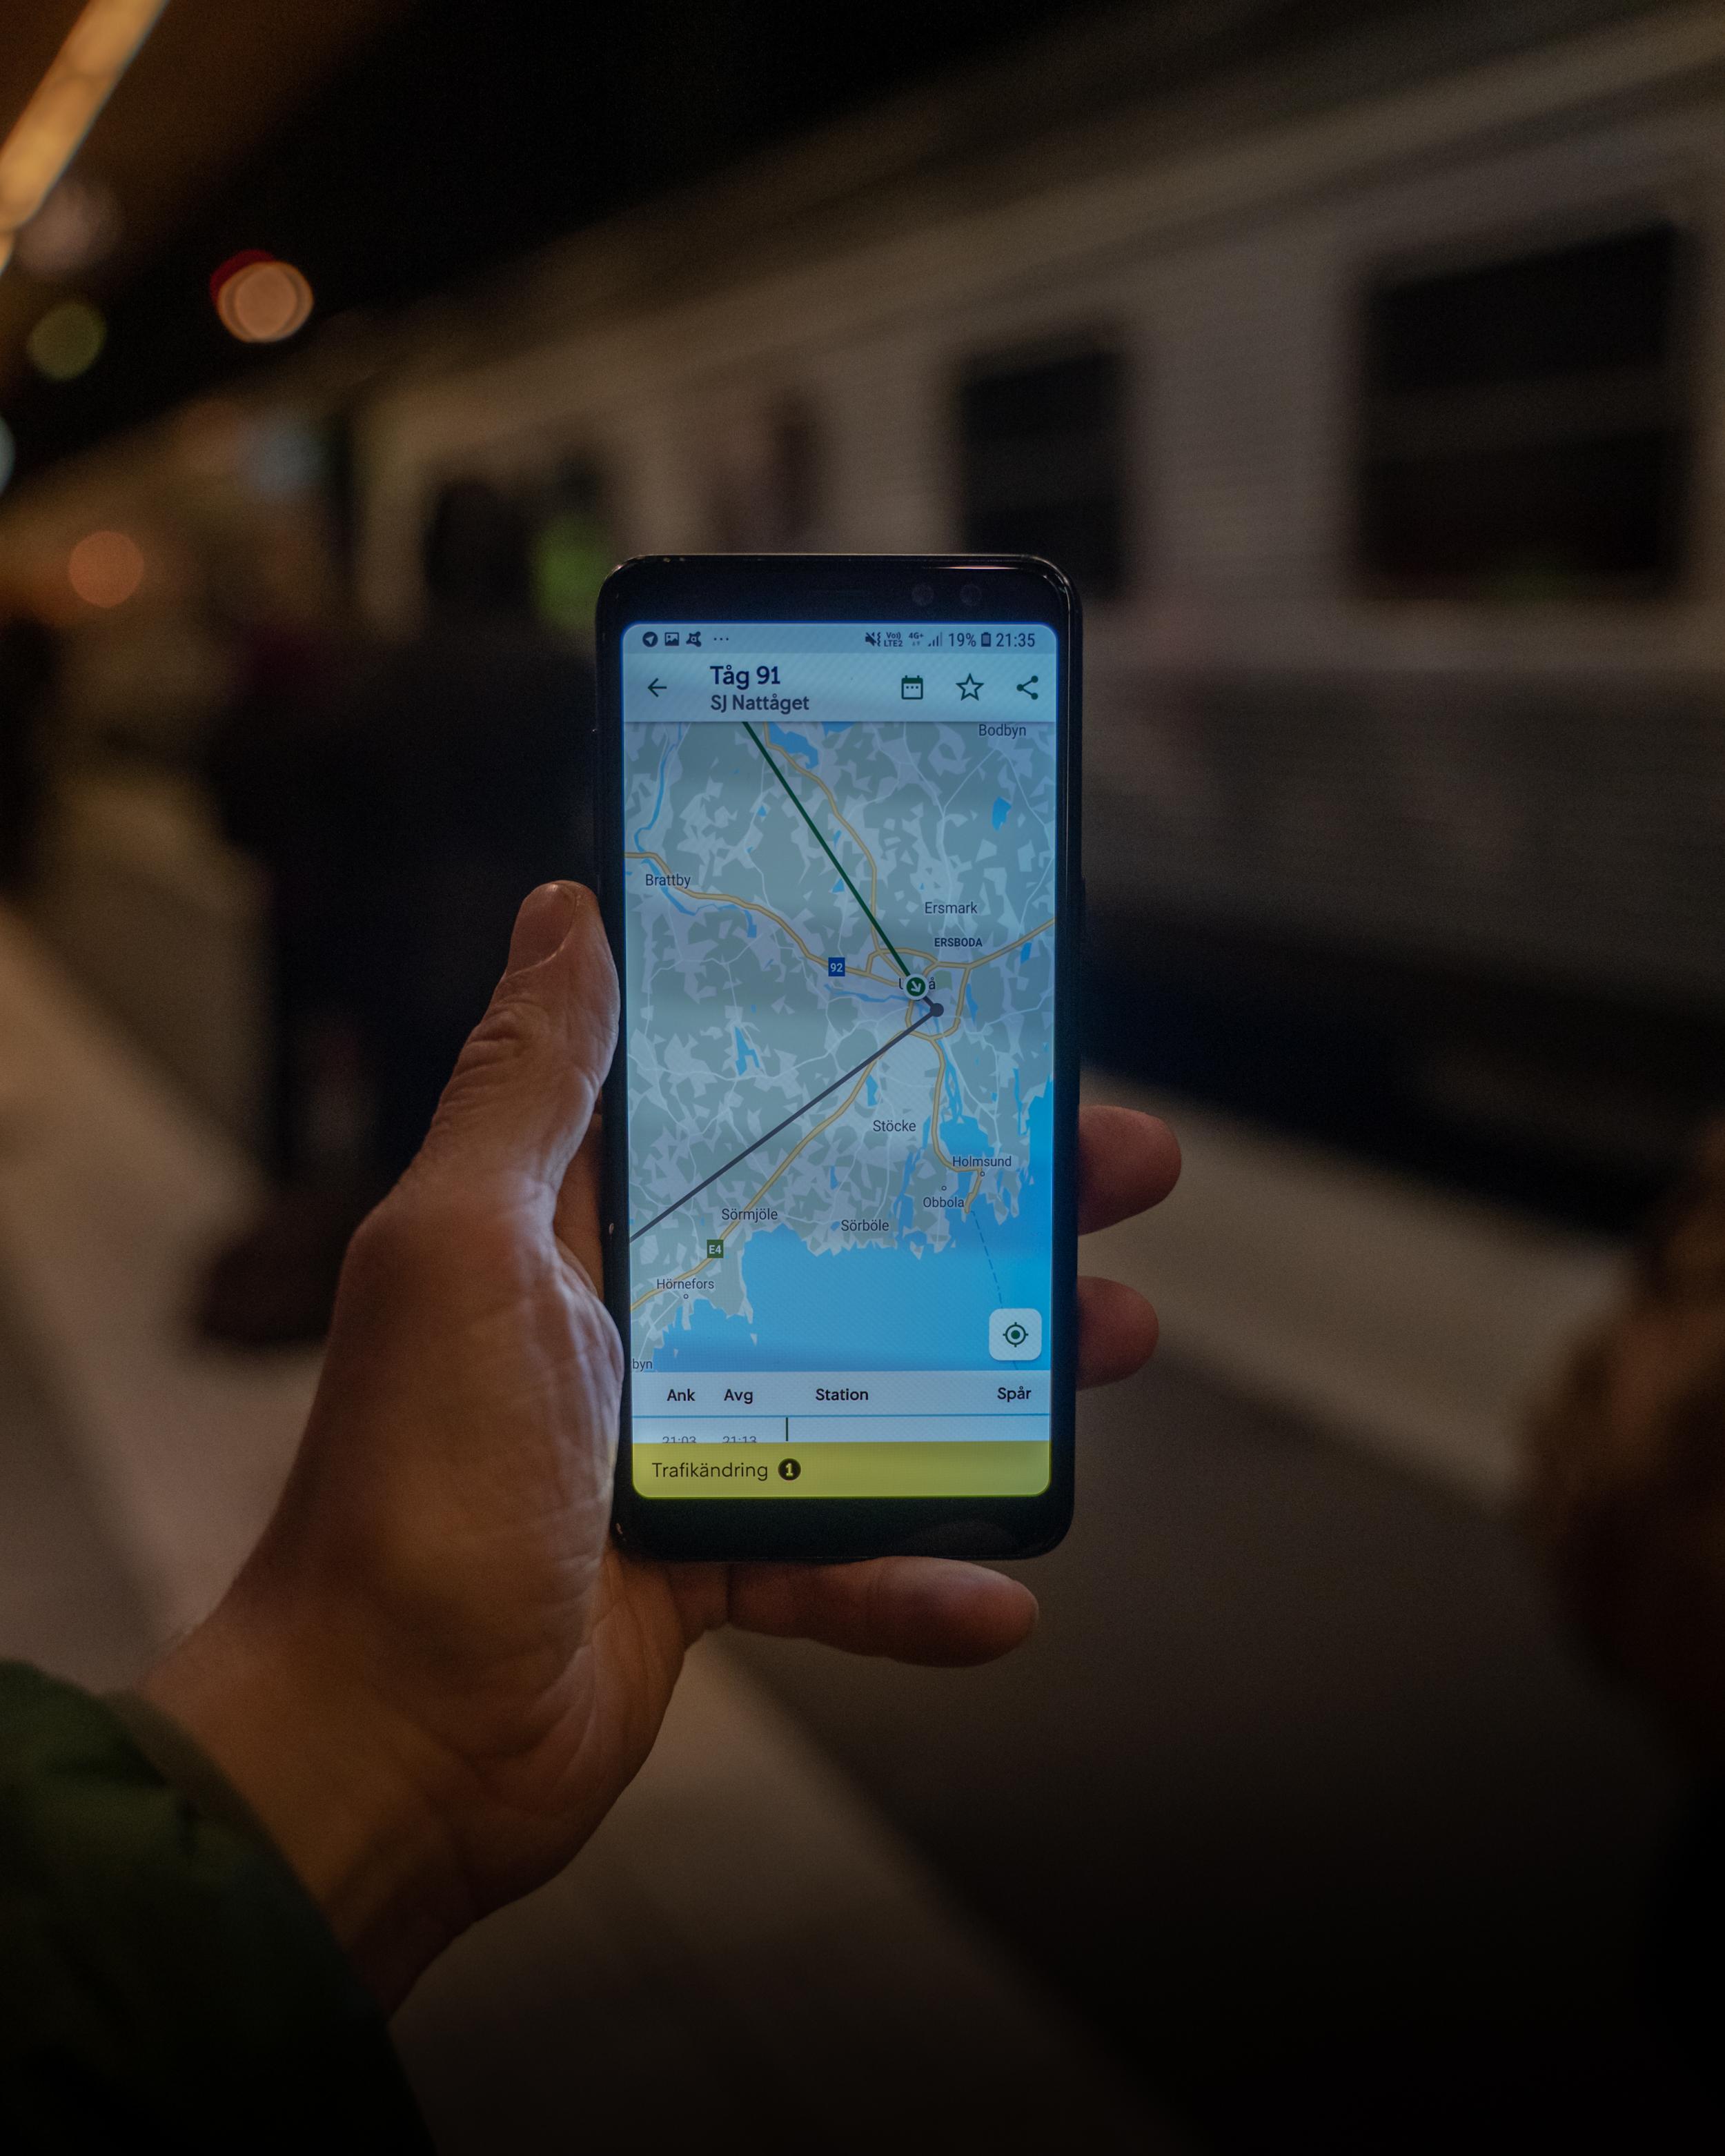 Med appen SJ Labs kan du se exakt var tåget är. Praktiskt om det är förseningar och roligt när man är ombord.